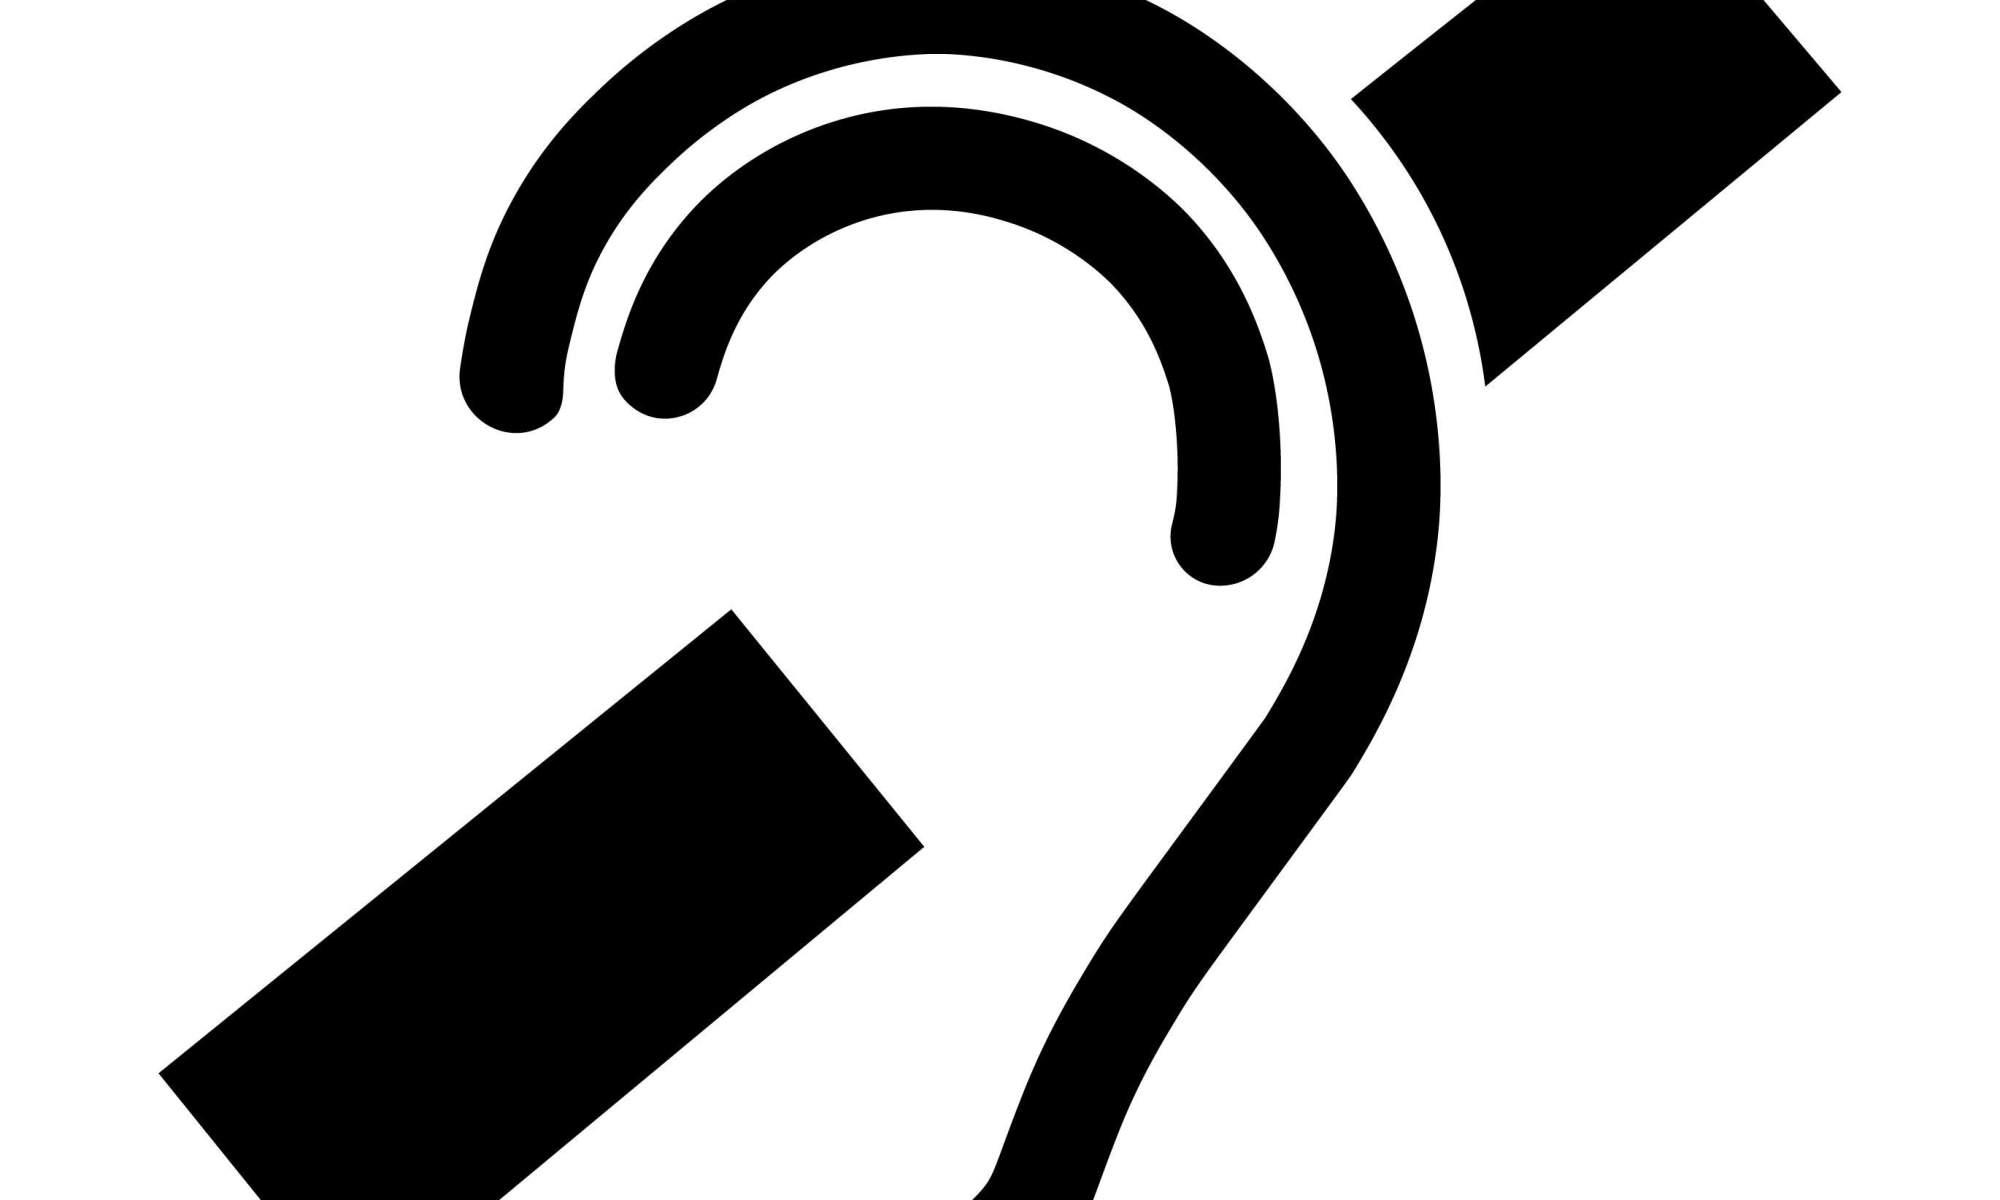 [PONENCIAS] Proponen enmiendas a licencia de conducir en apoyo a la inclusión de la comunidad sorda